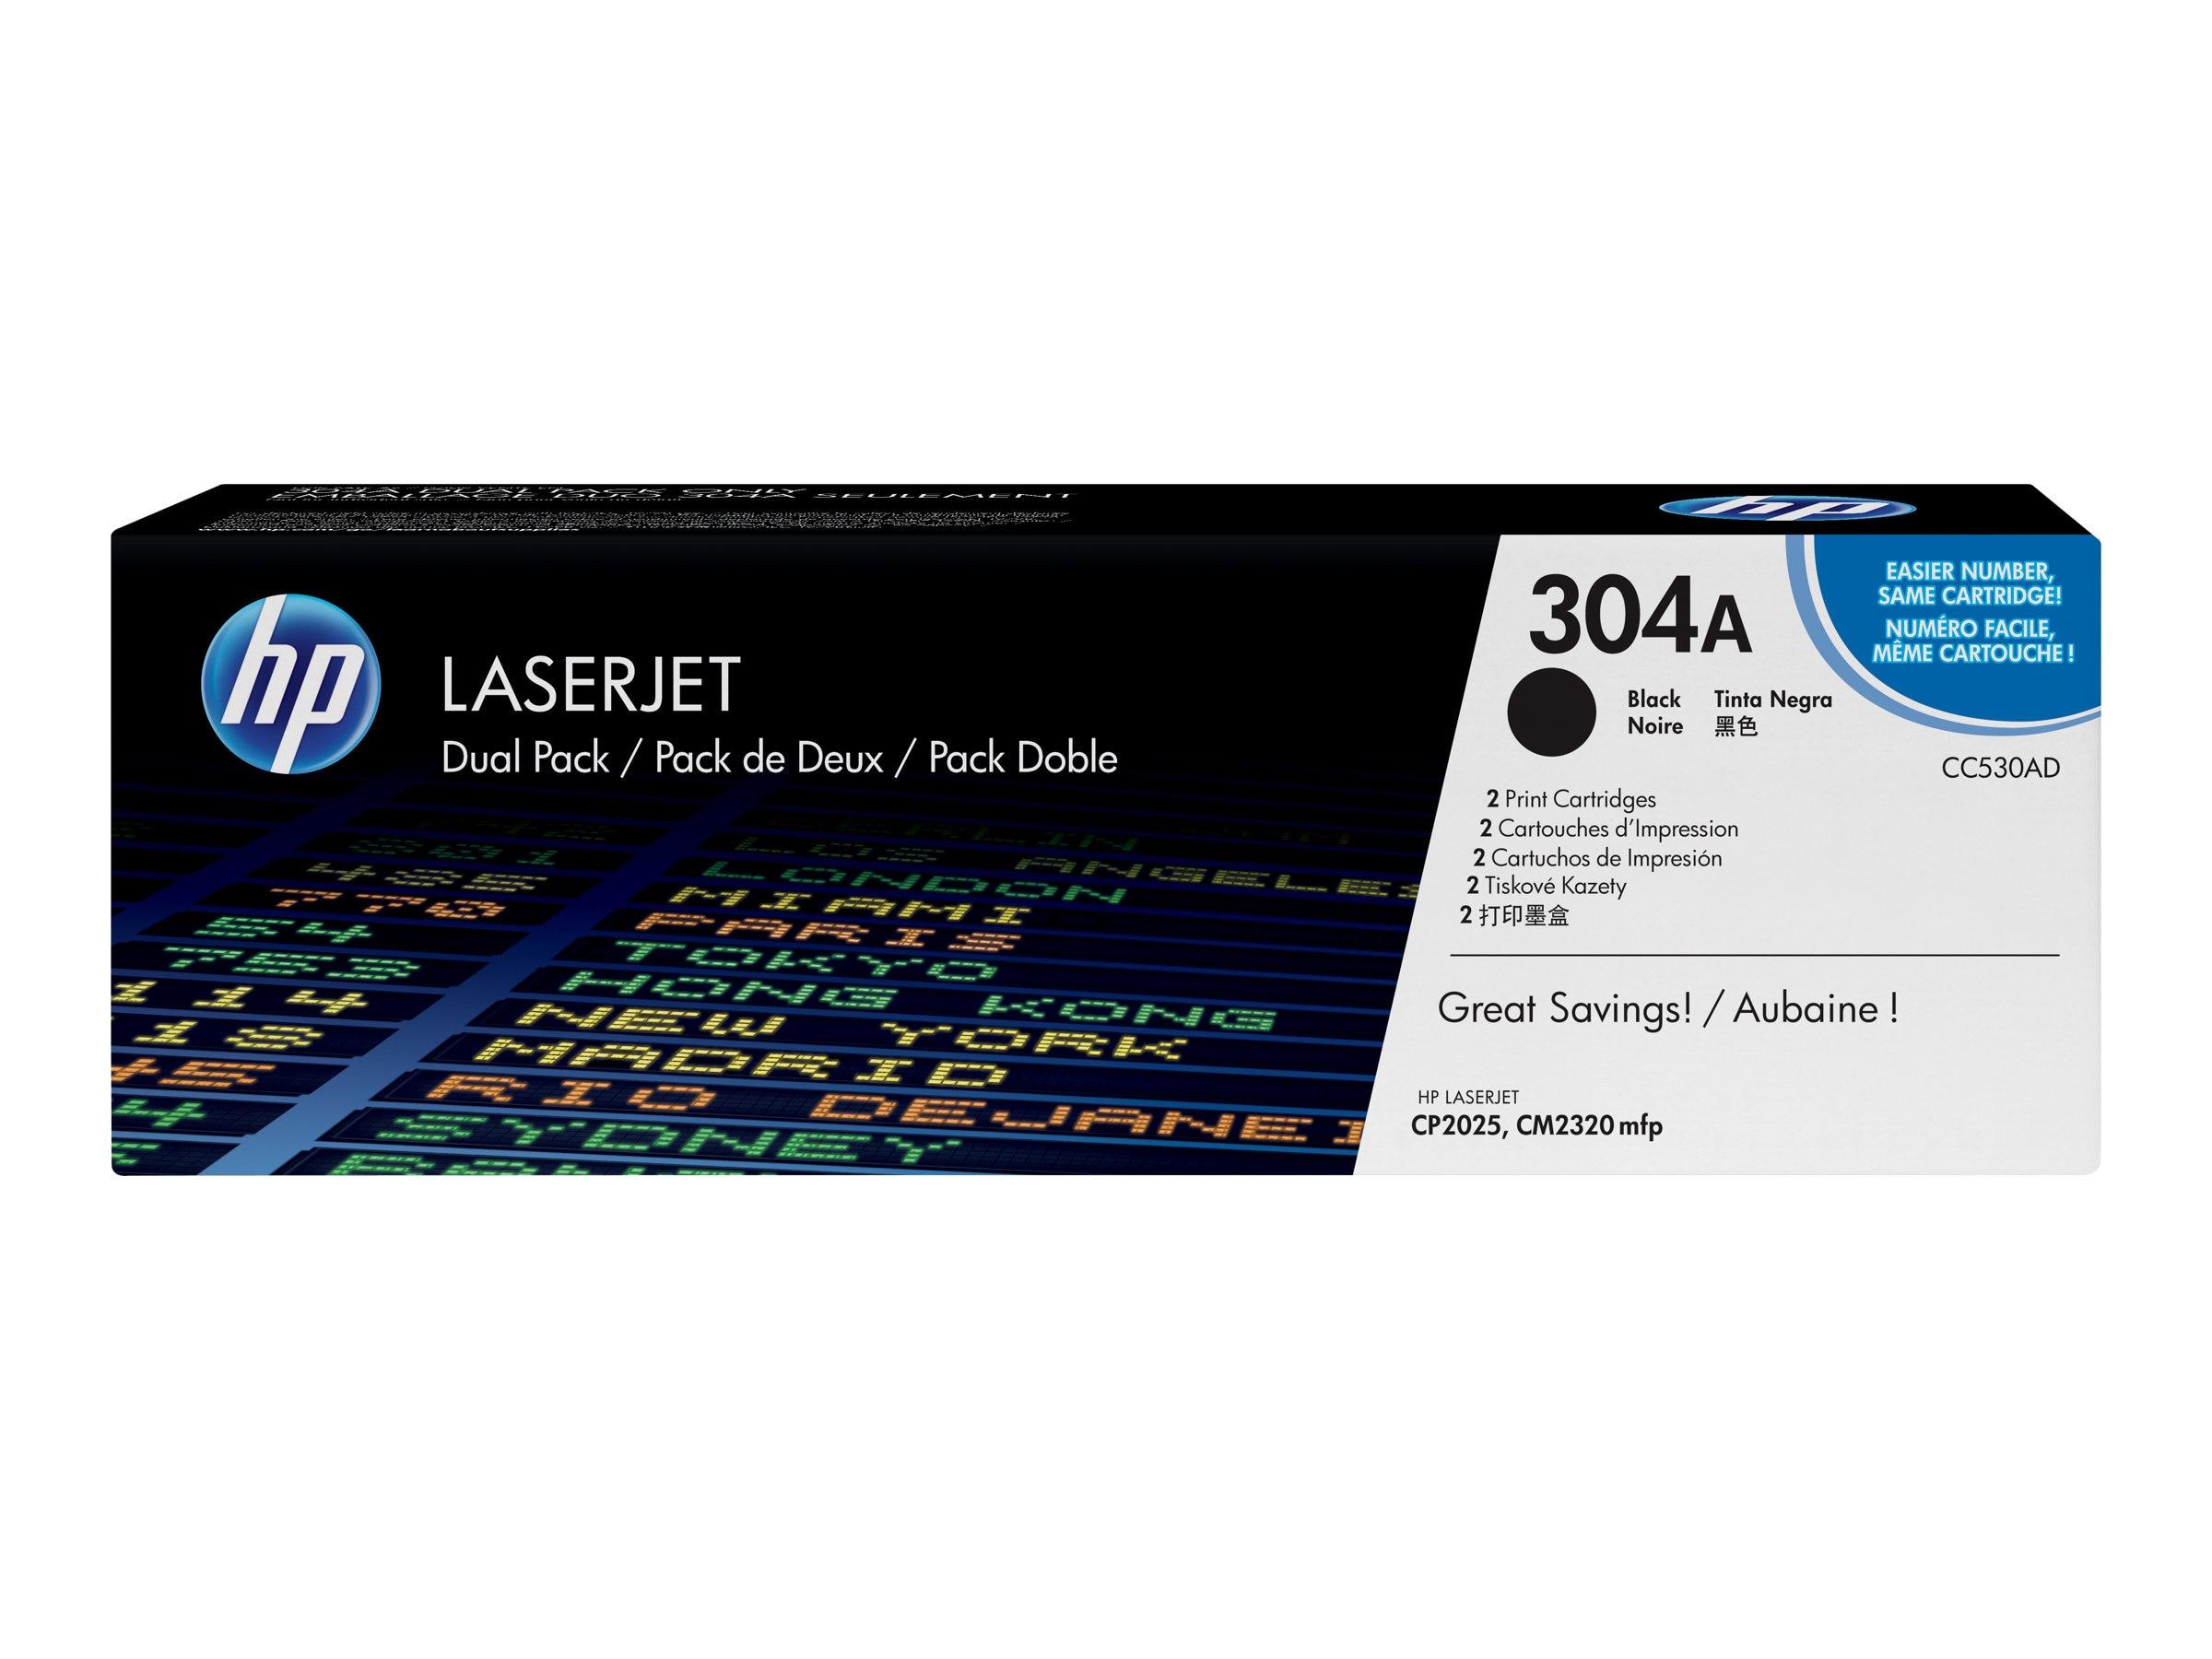 HP 304A (CC530AD) 2-pack Black Original LaserJet Toner Cartridges, CC530AD, 9024033, Toner and Imaging Components